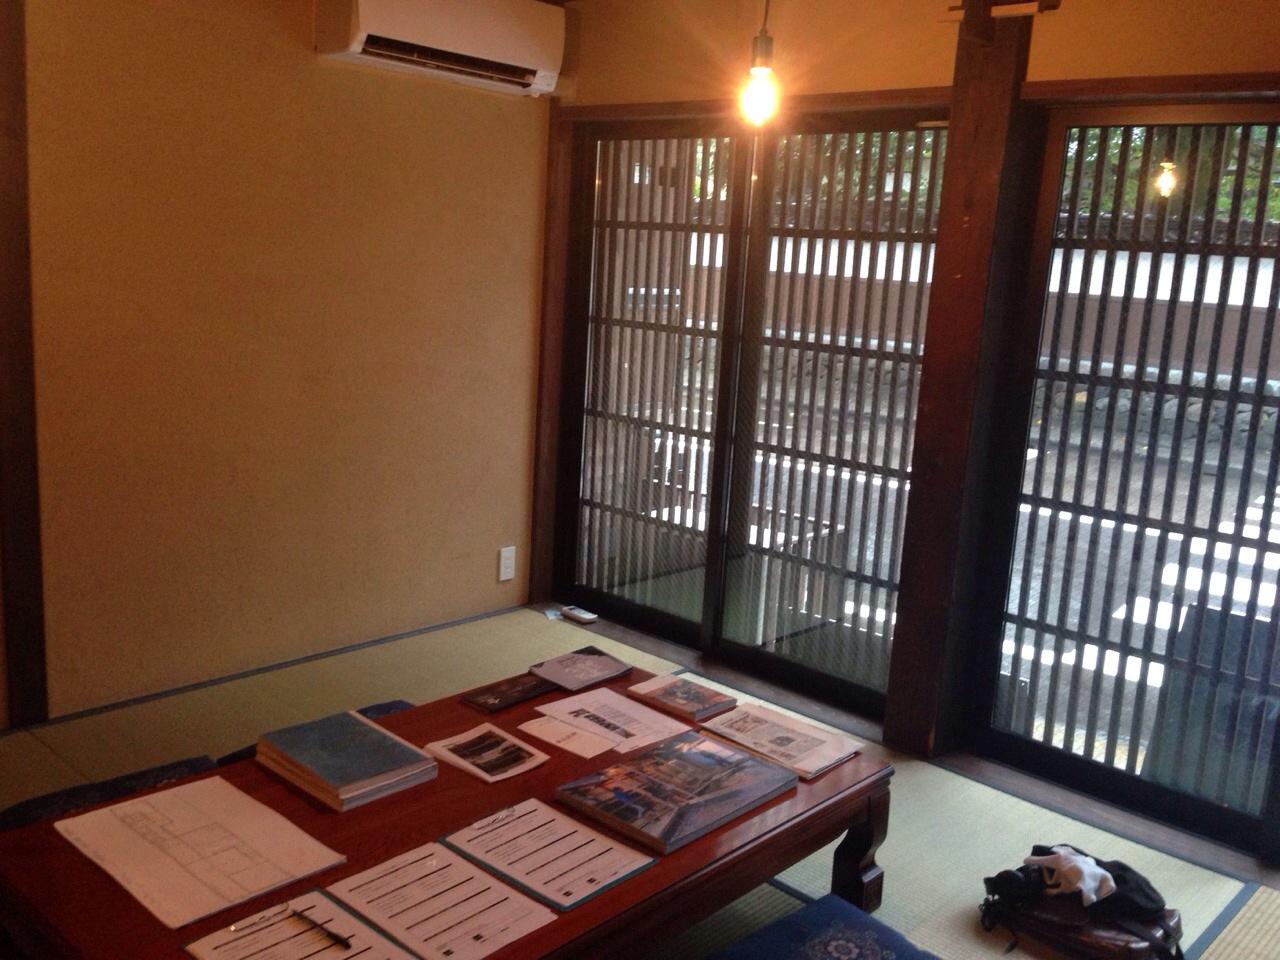 ゲストハウス白 - Guest House Shiro _c0110051_9413438.jpg